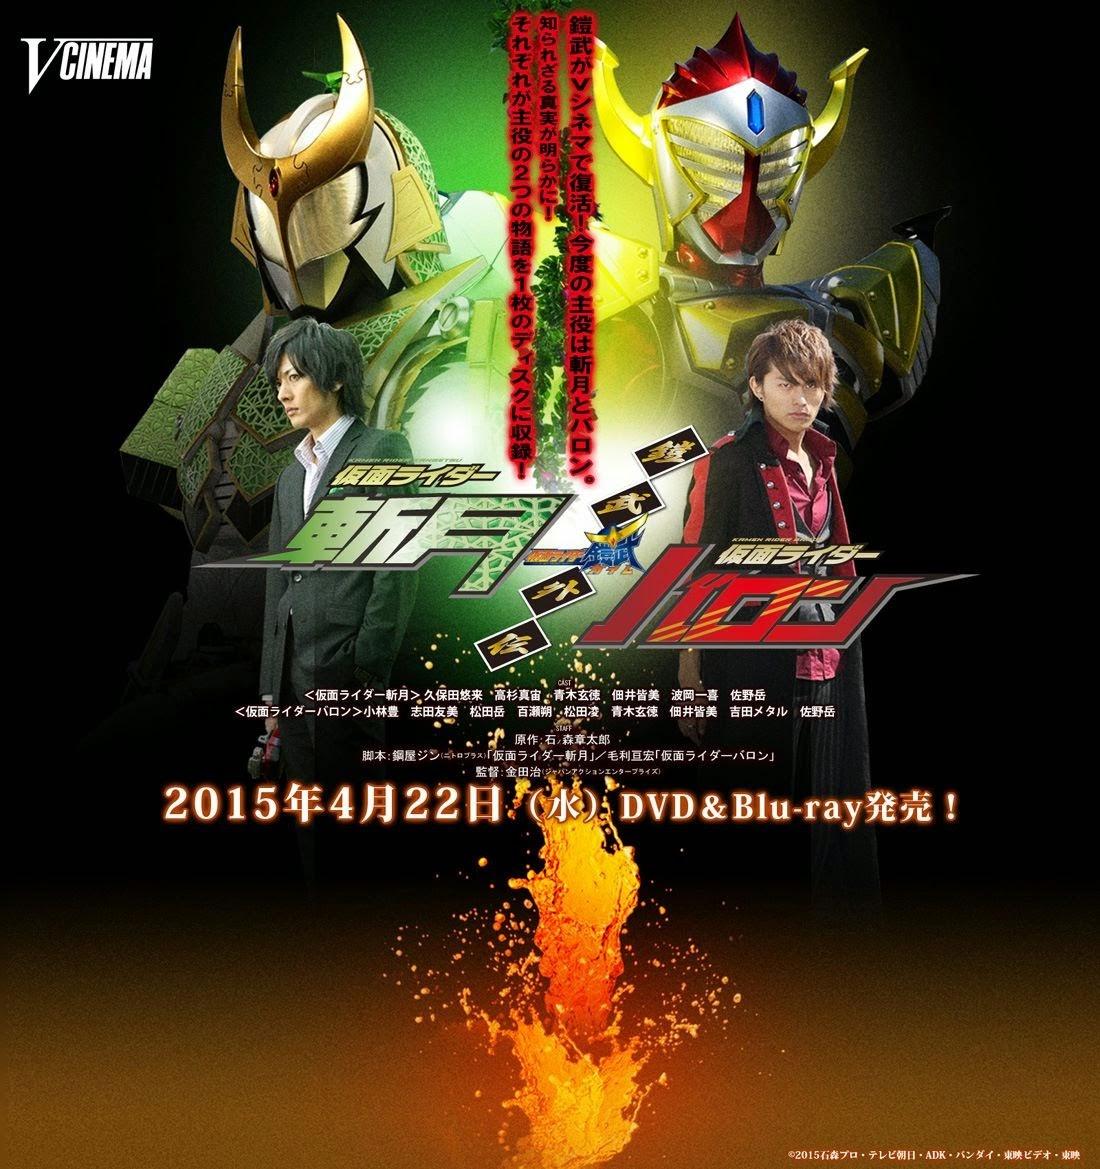 Kamen Rider Gaim Gaiden: Baron - Kamen Rider Gaim Gaiden: Kamen Rider Baron VietSub